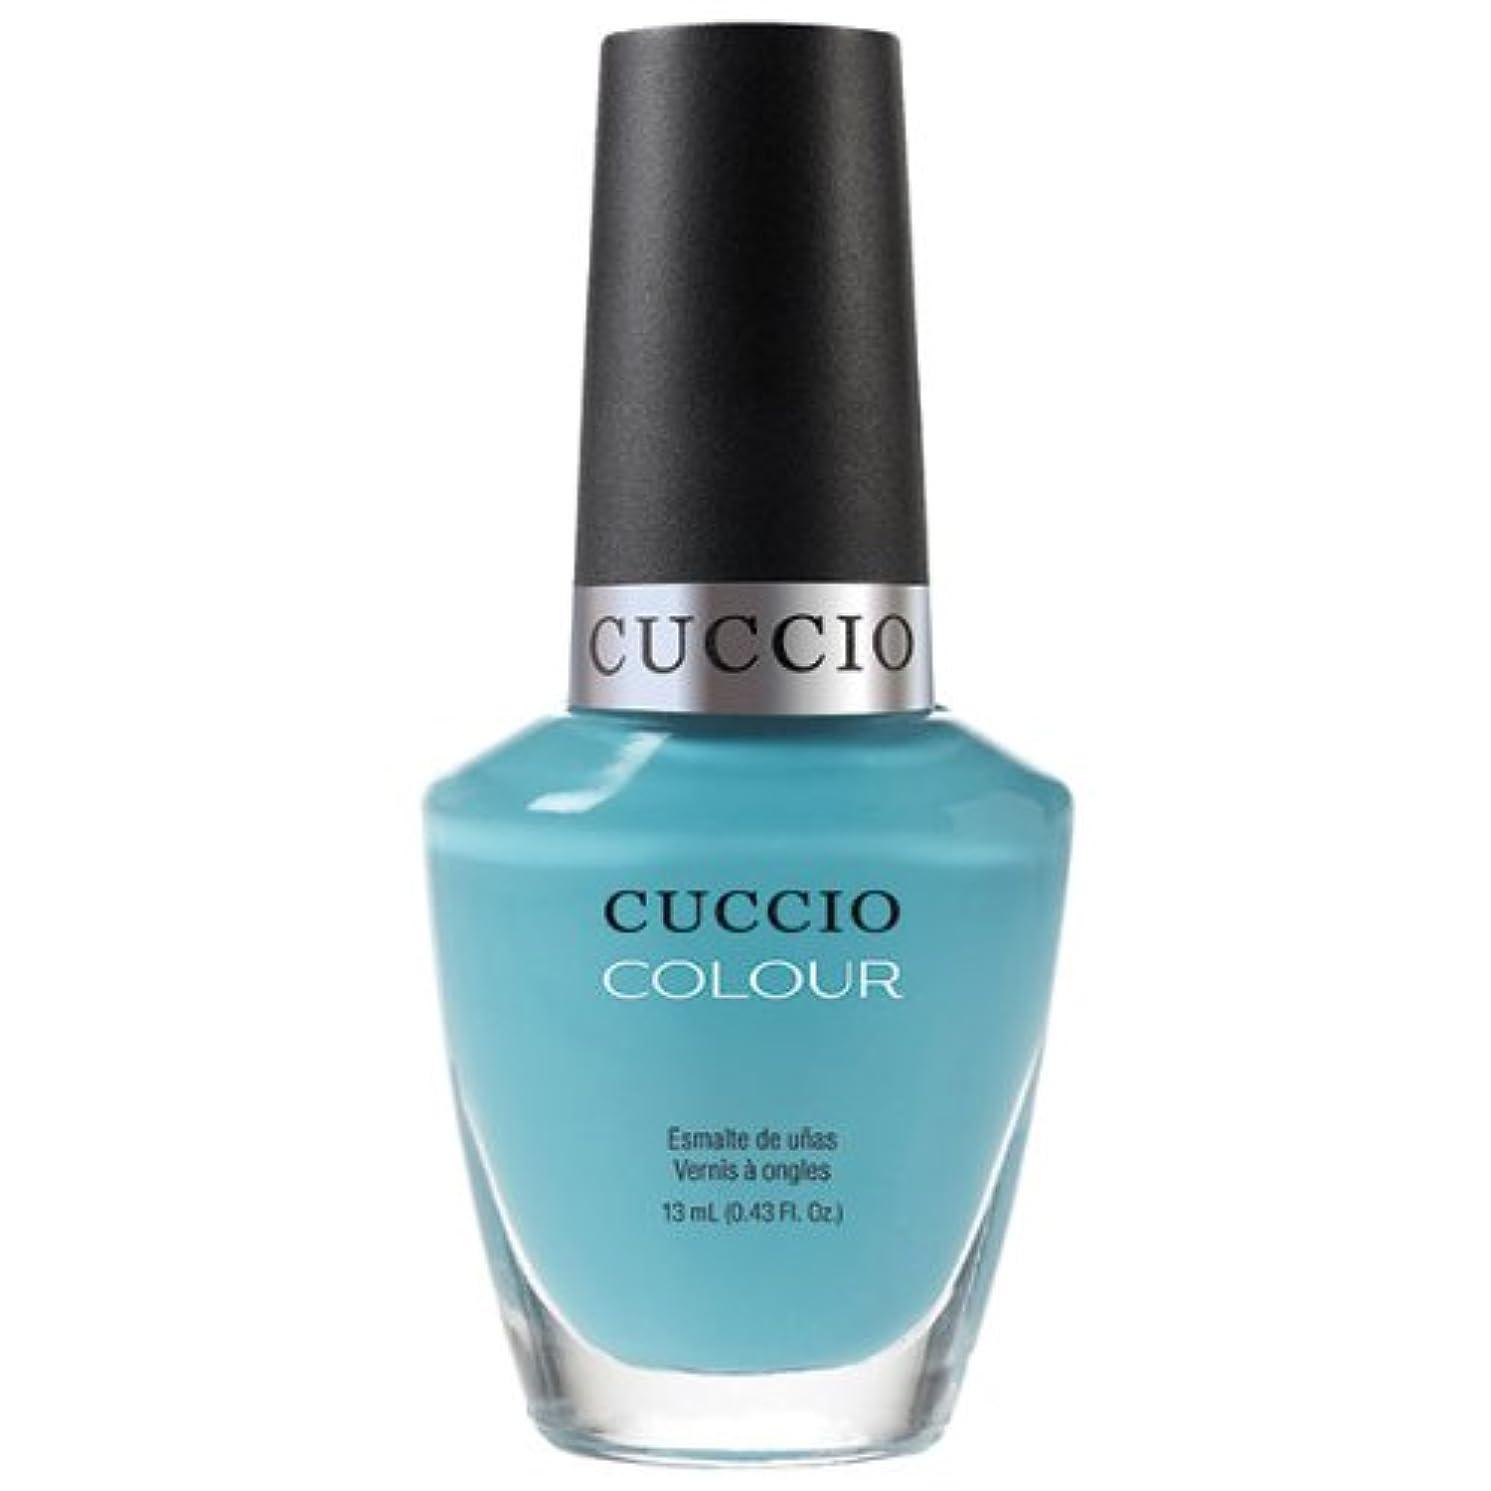 成り立つ泣き叫ぶ祝福Cuccio Colour Gloss Lacquer - Make a Wish in Rome - 0.43oz / 13ml